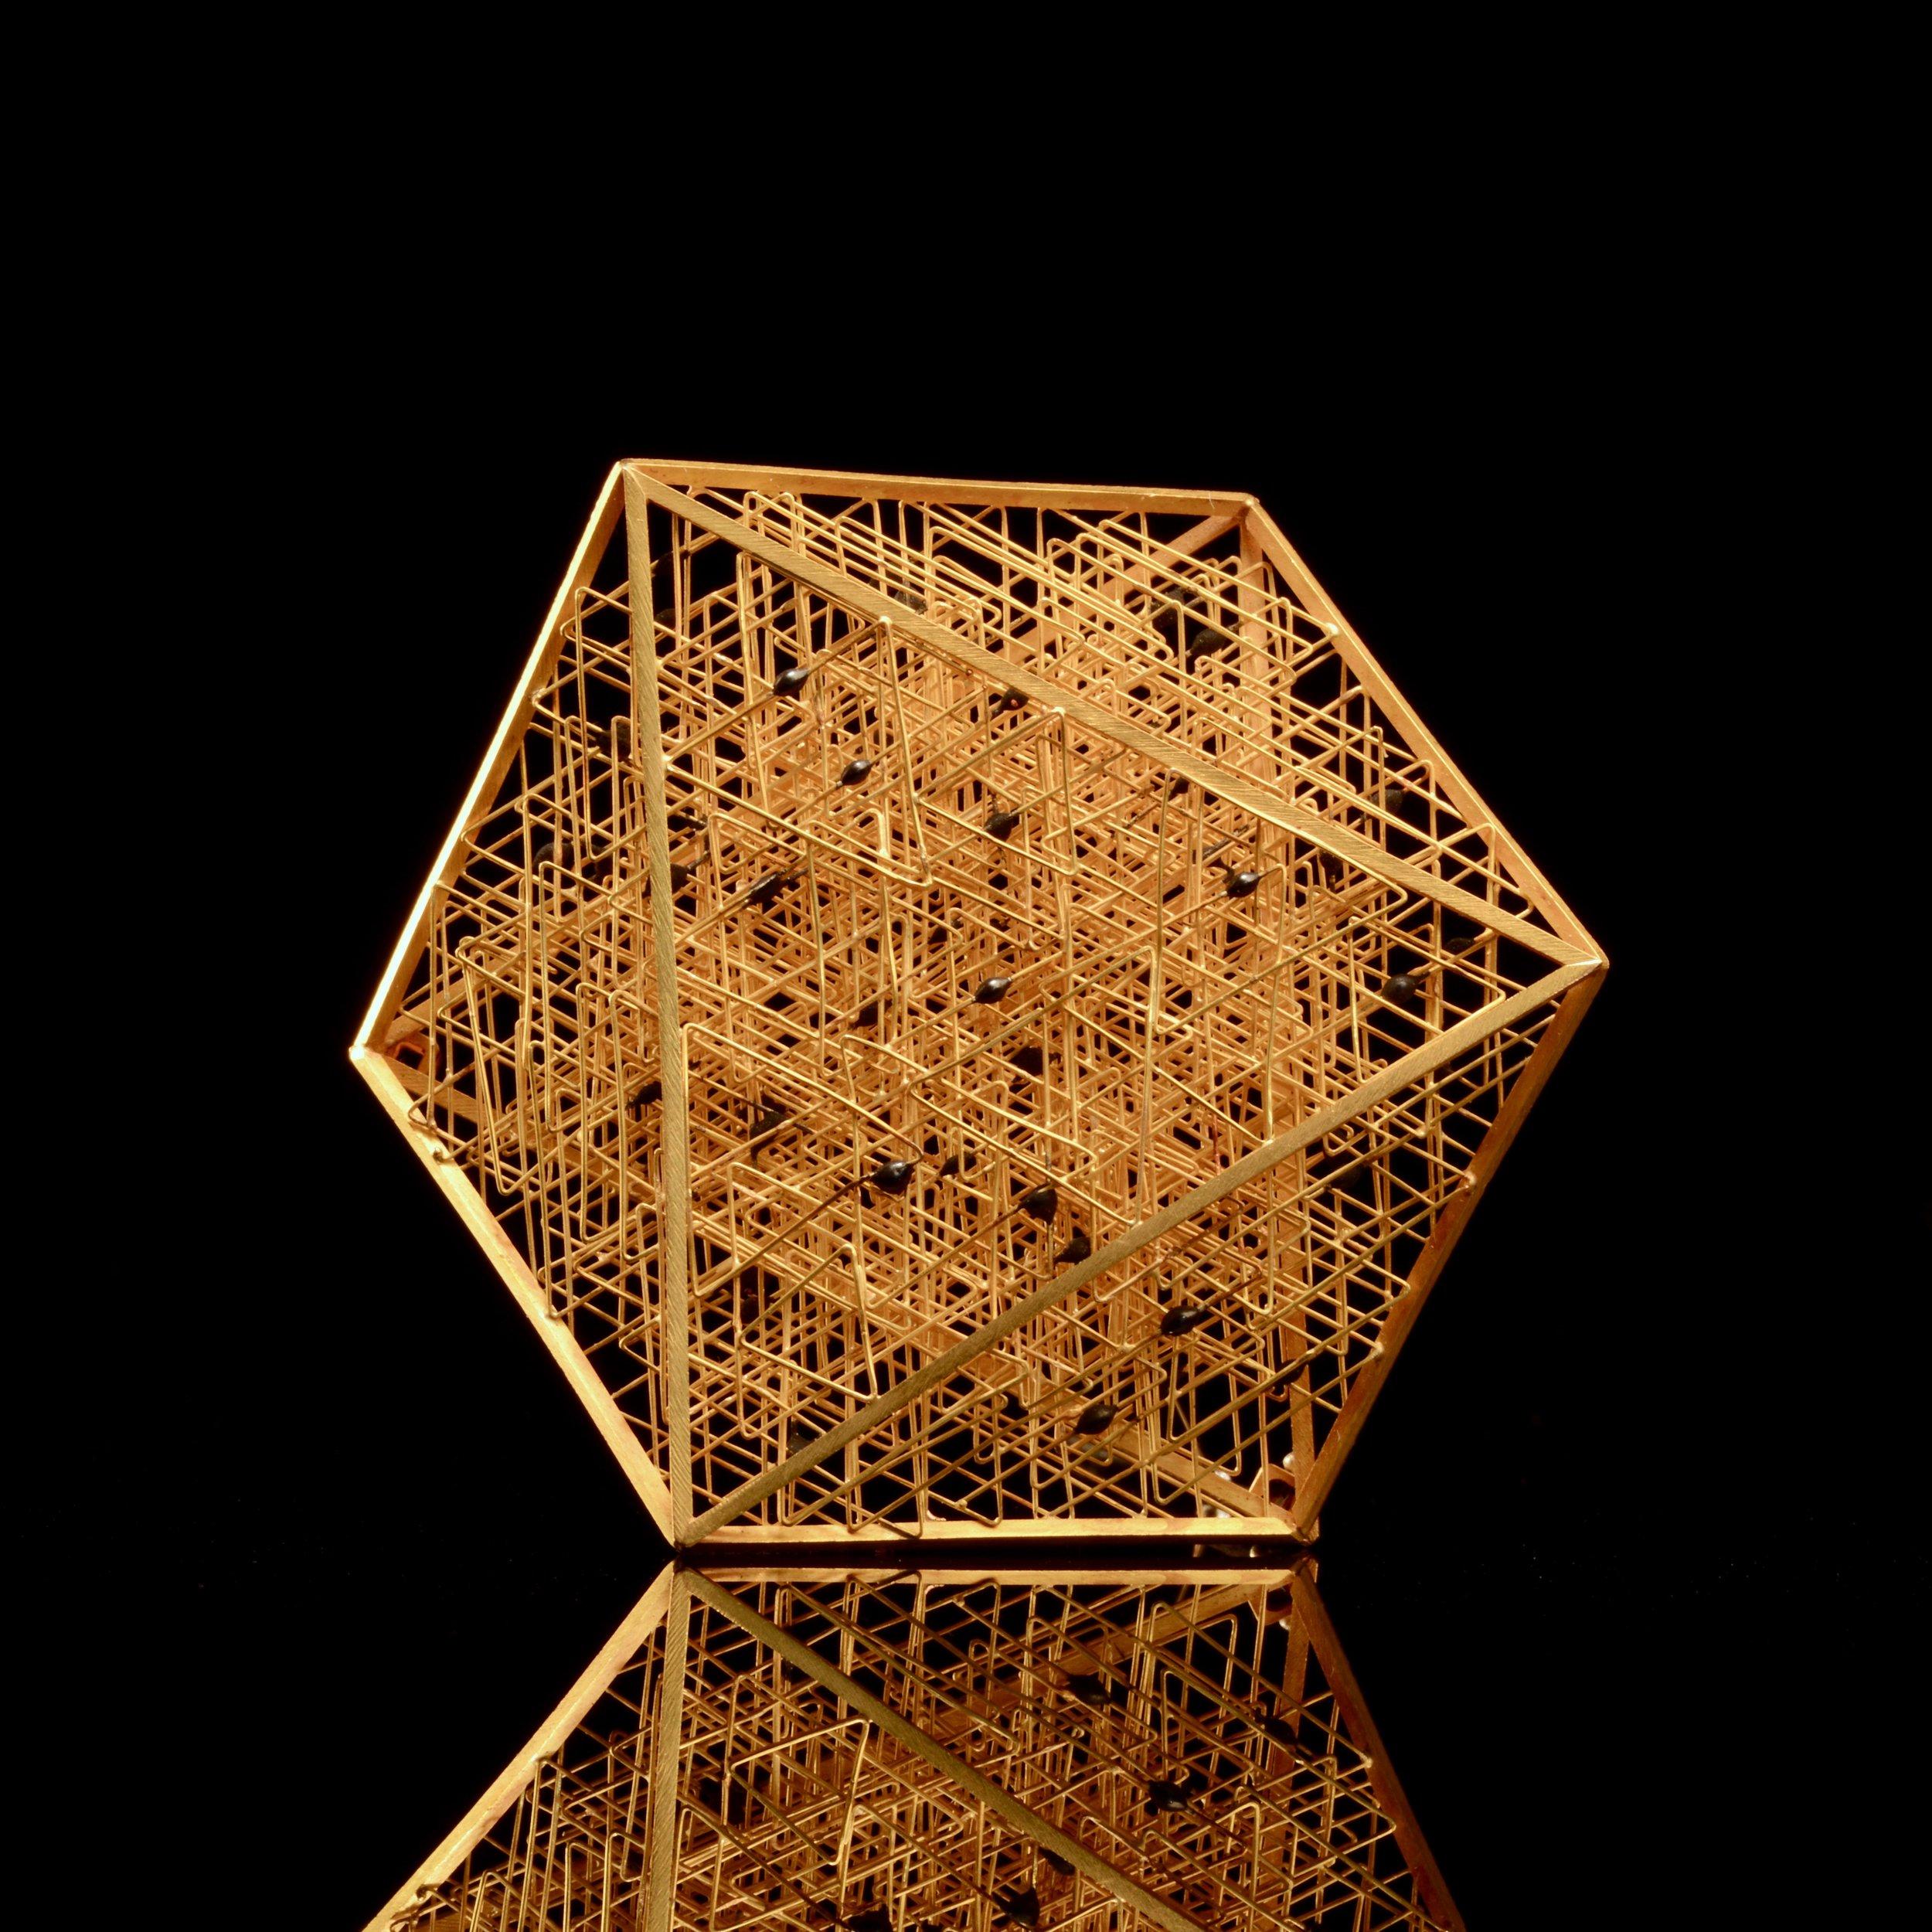 hexagonal brooch